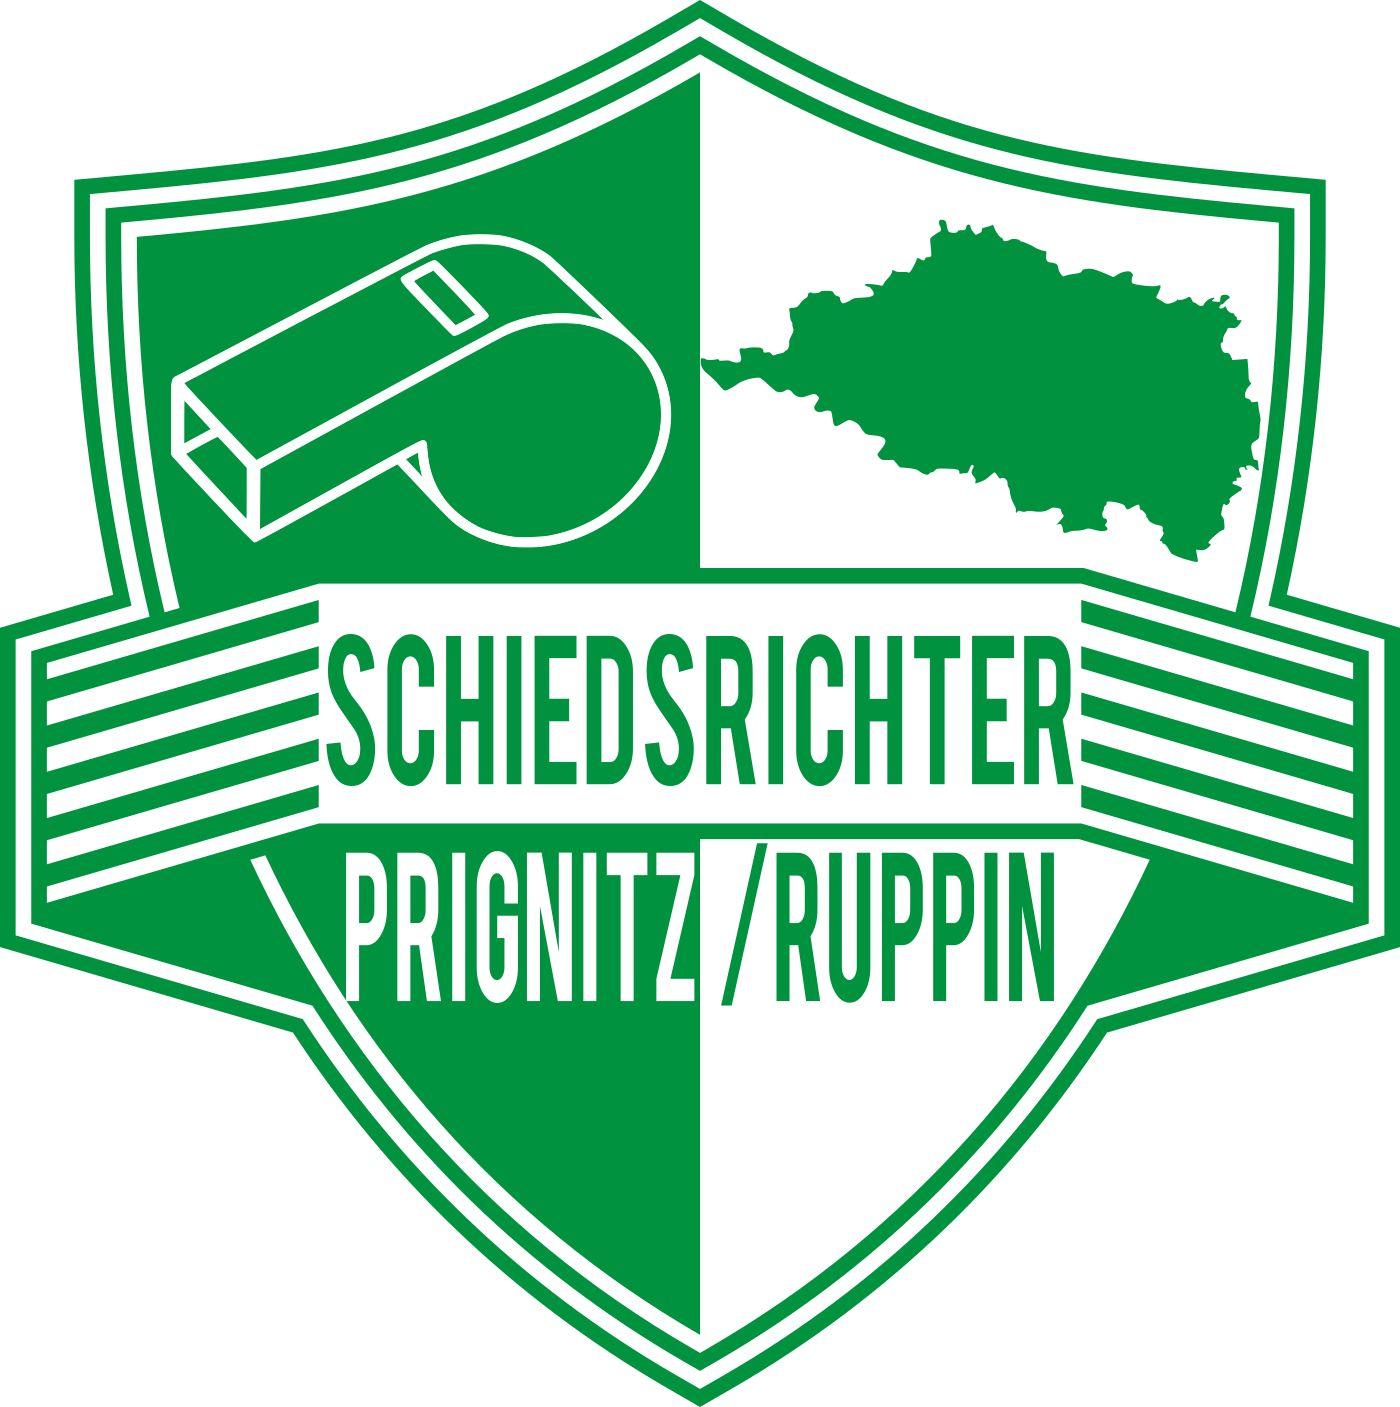 Logo der Schiedsrichtergruppe Prignitz/Ruppin